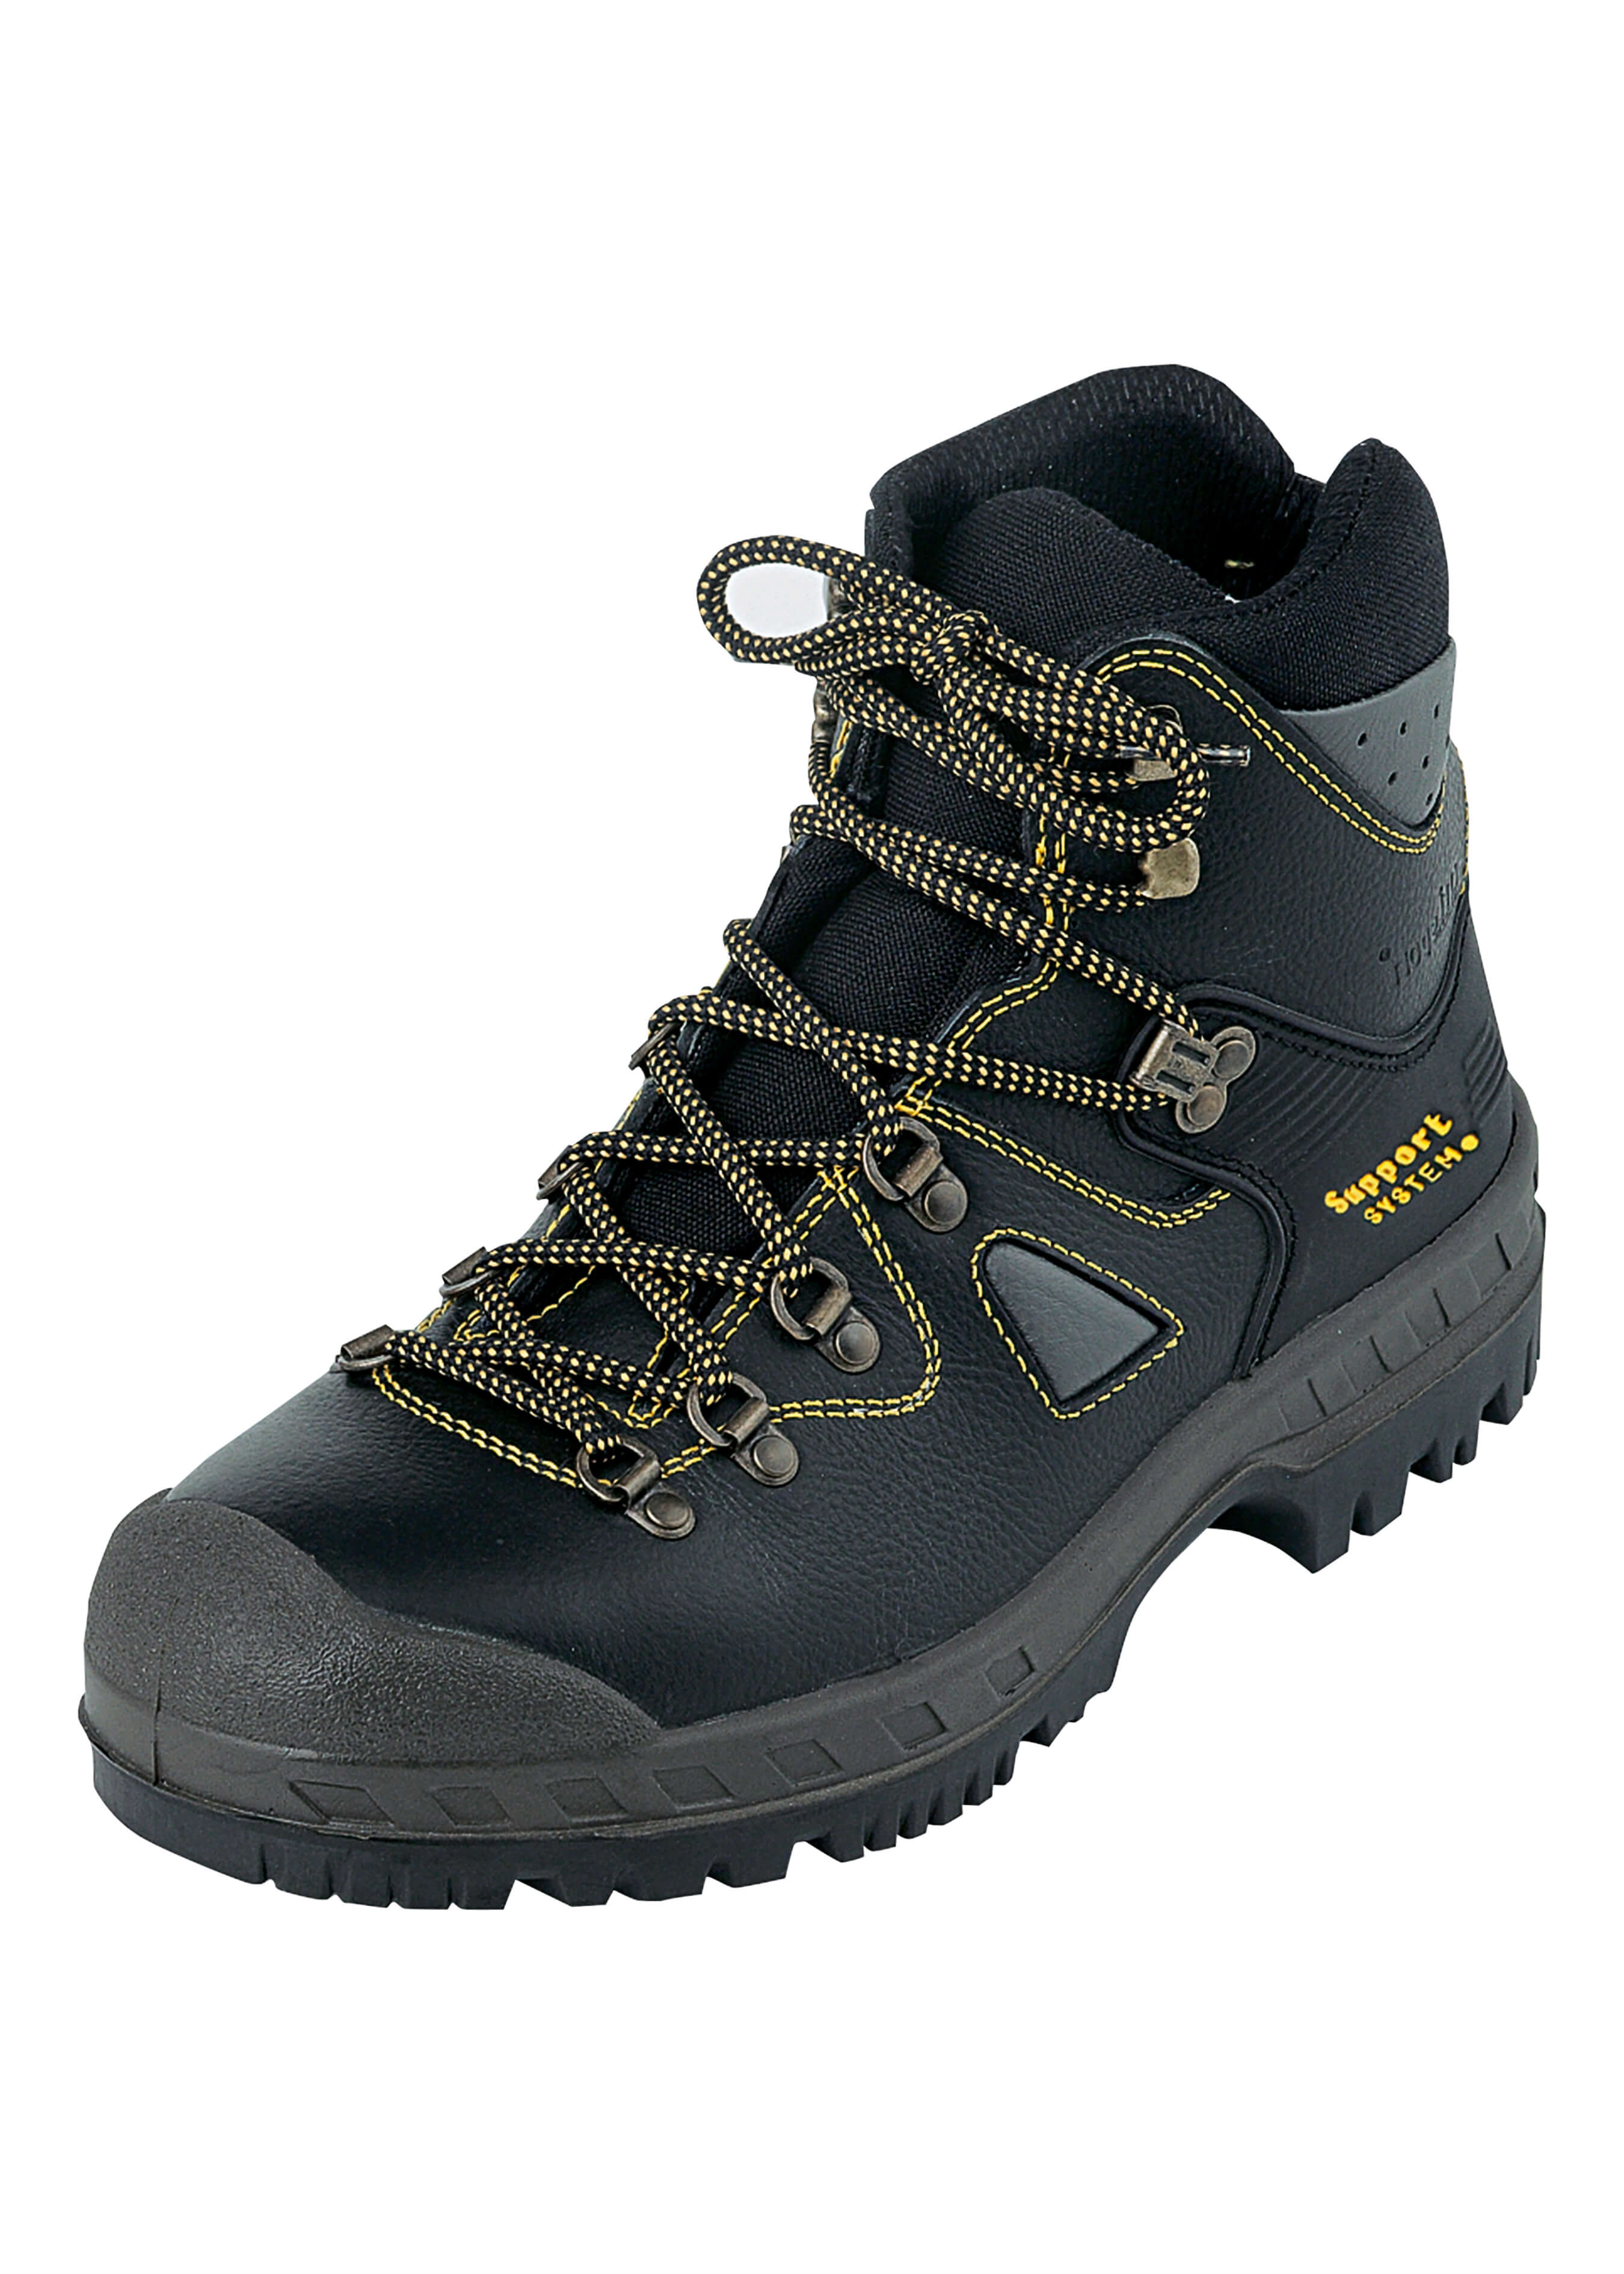 Chaussure de sécurité S3 L409439 1